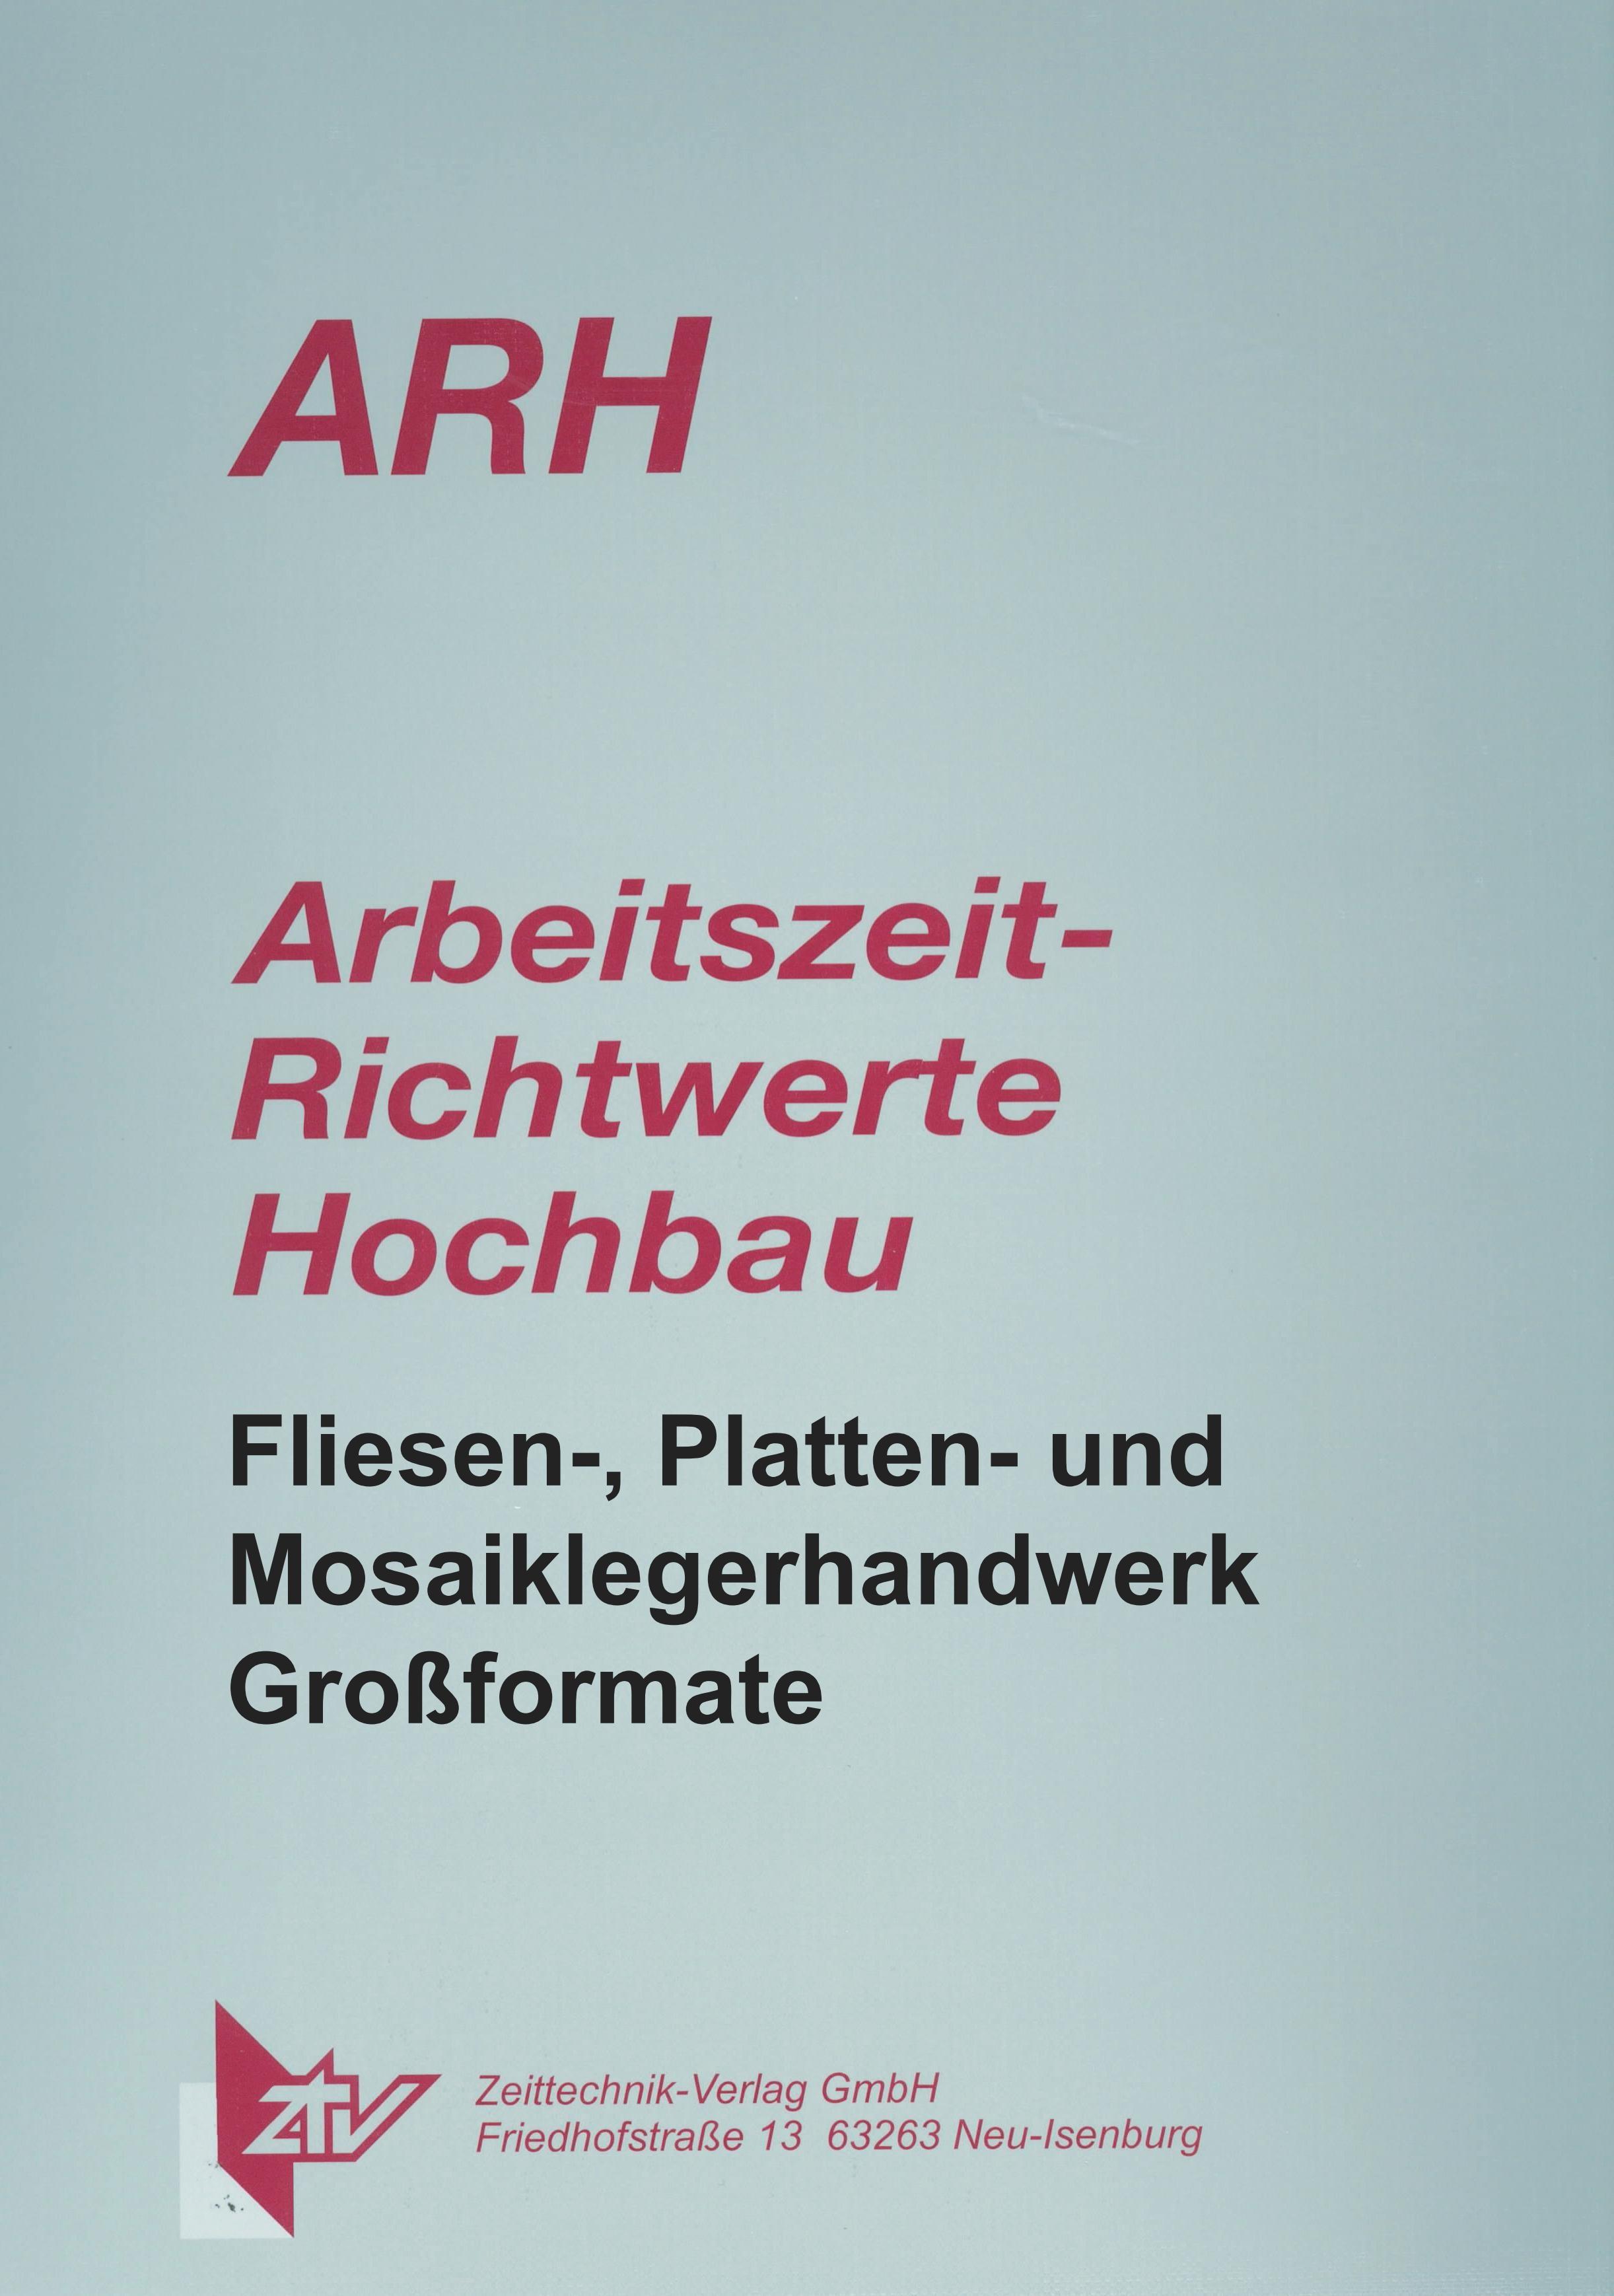 ARH-Tabelle Fliesen-, Platten- und Mosaiklegerhandwerk im Dünnbettmörtel, Teil 2 Großformate